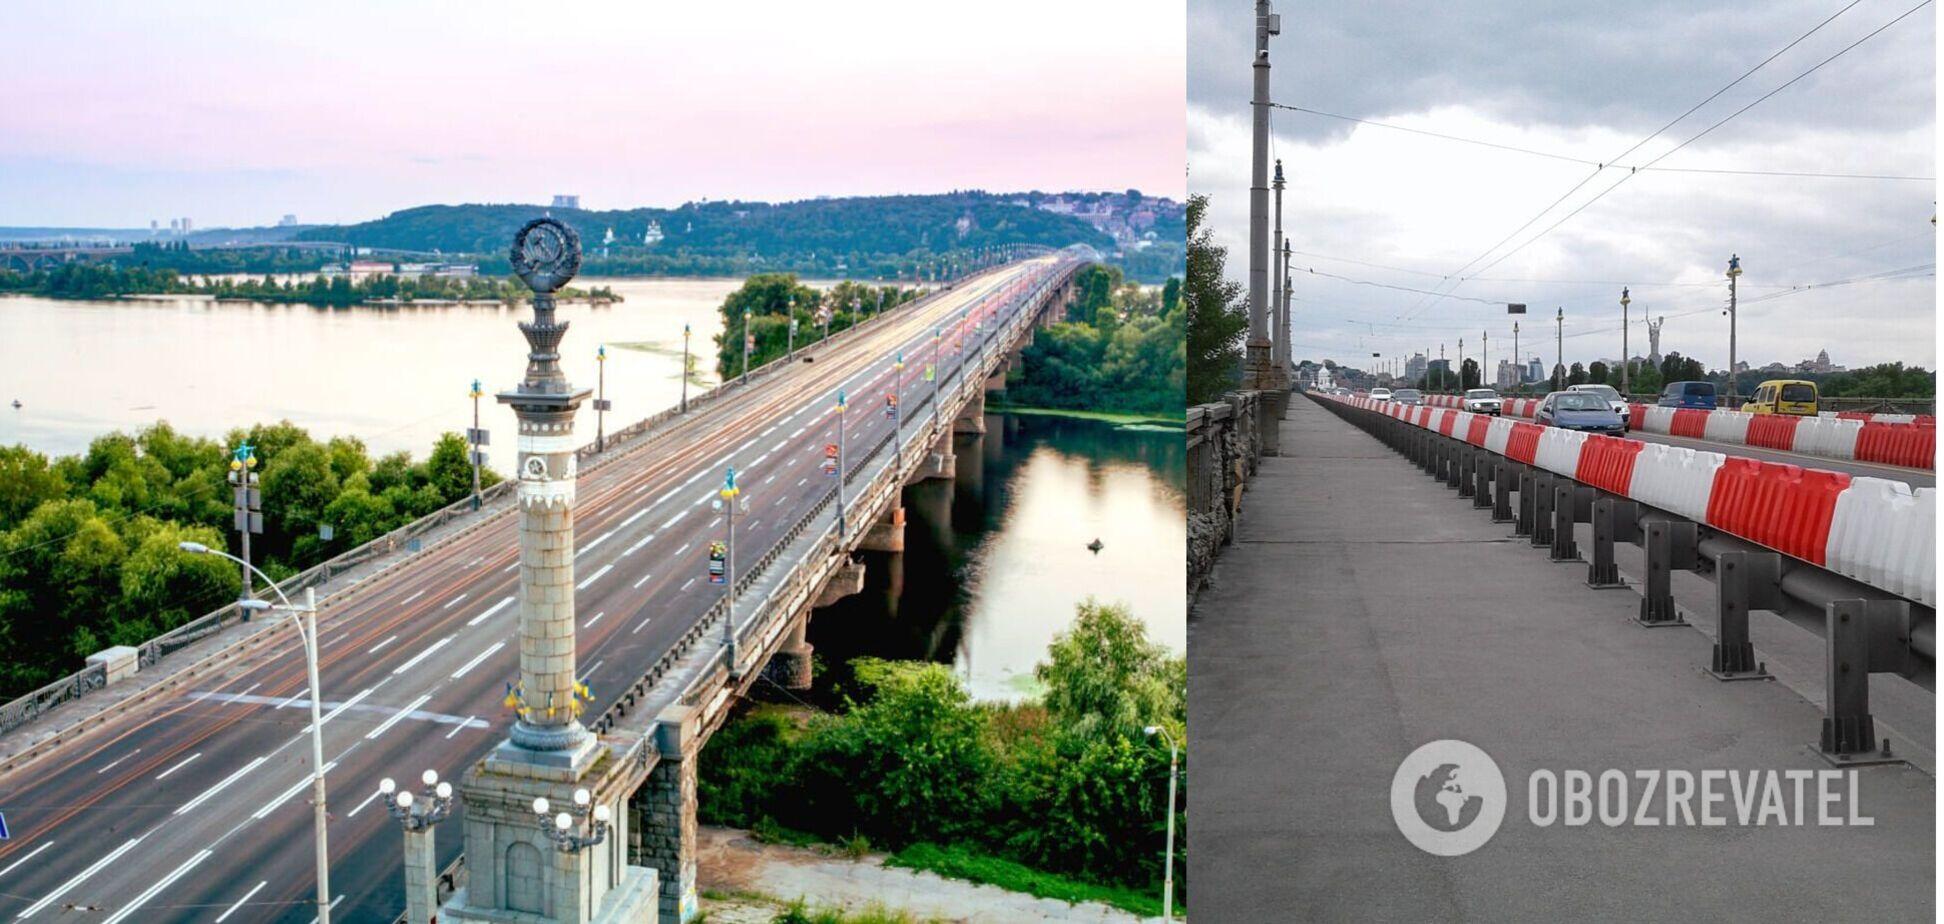 У КМДА повідомили, як зміниться міст Патона після реставрації